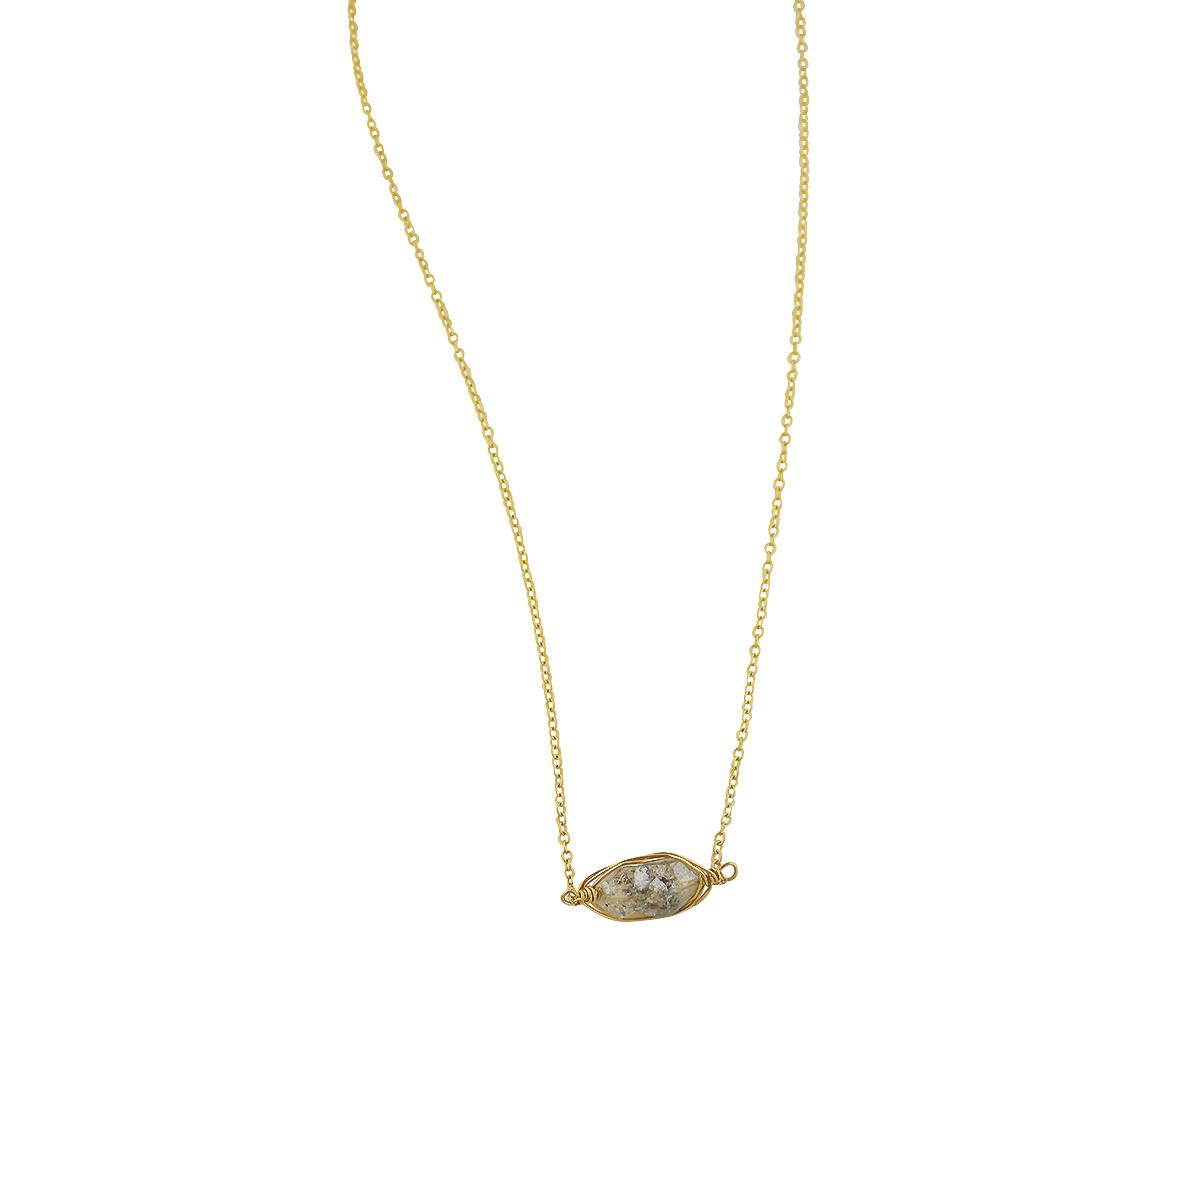 Illumine Herkimer Diamond Necklace